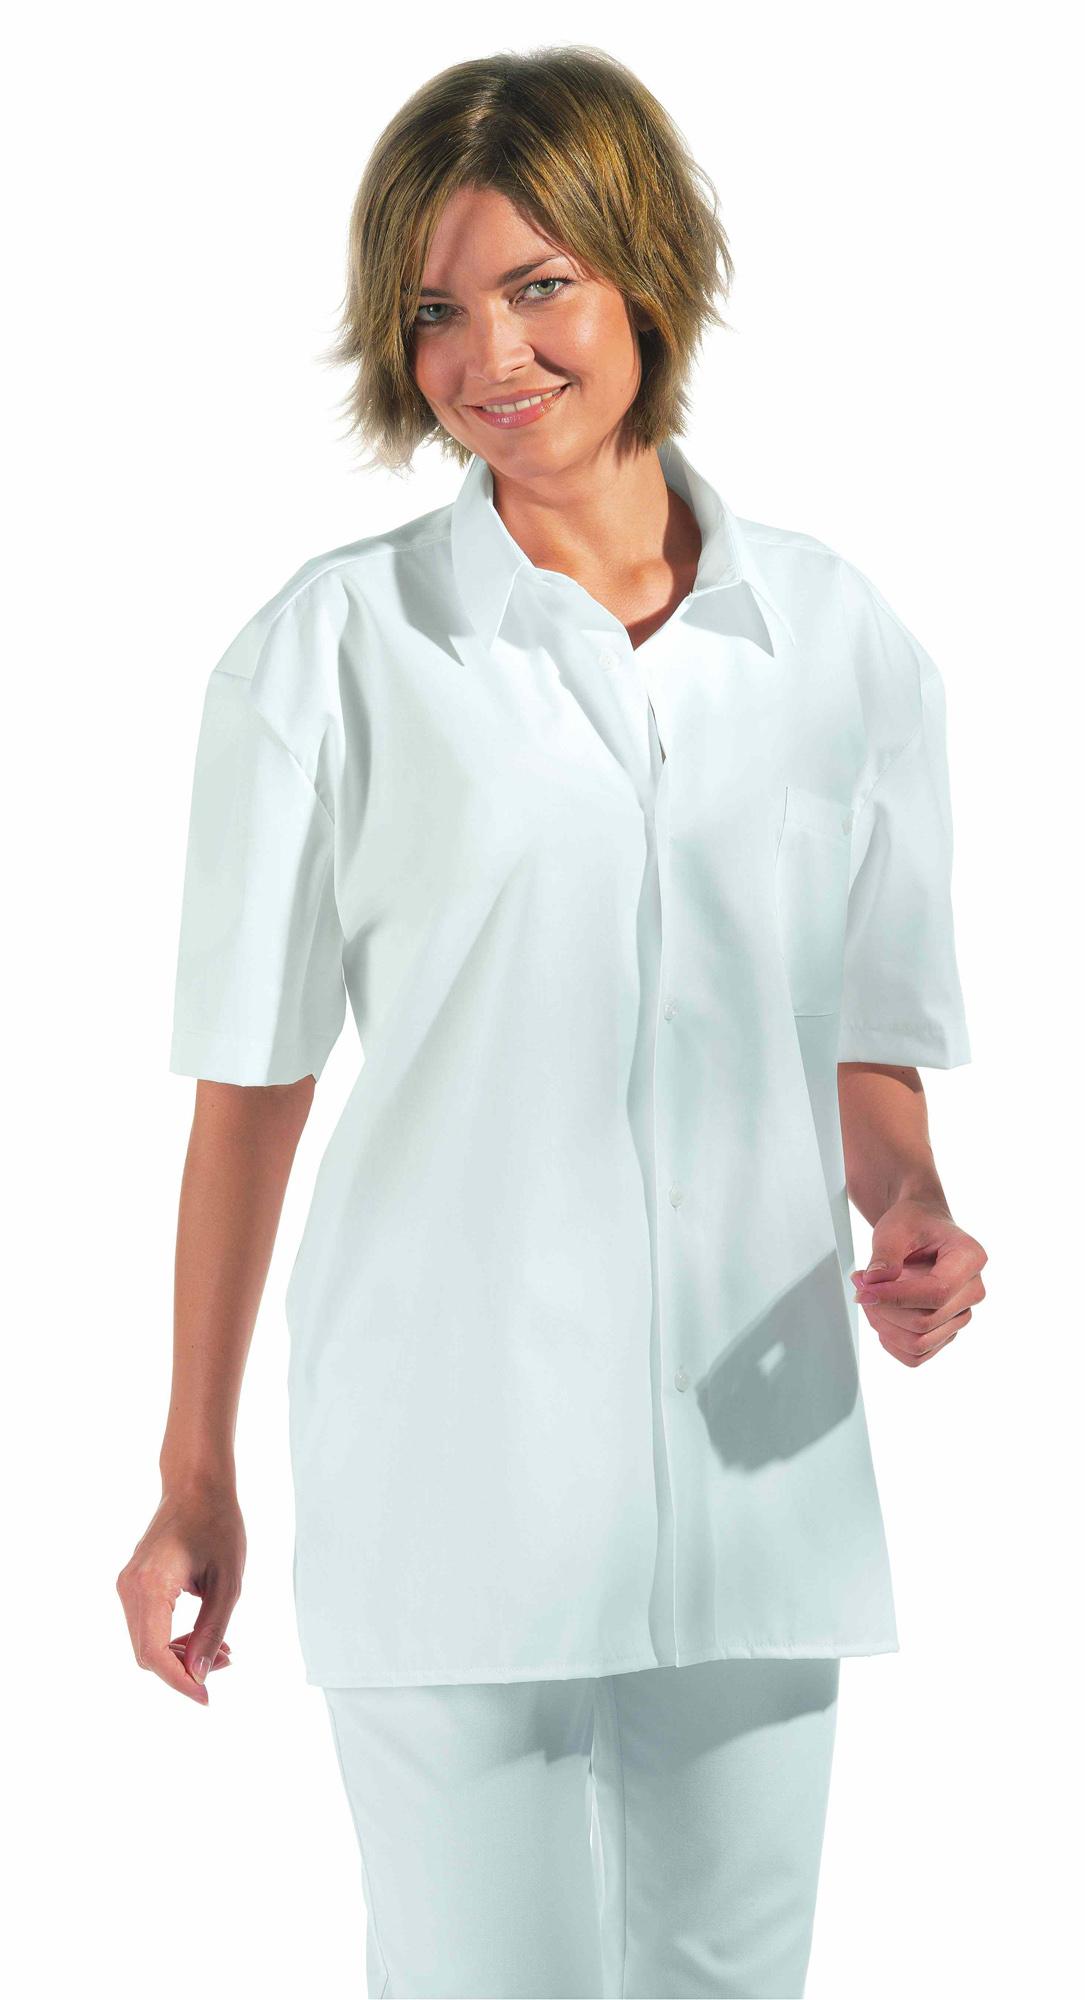 Leiber Bluse weiss 1/1 Arm (wie auf Bild nur als 1/2 Arm) 100% L12/629 L12/629 D